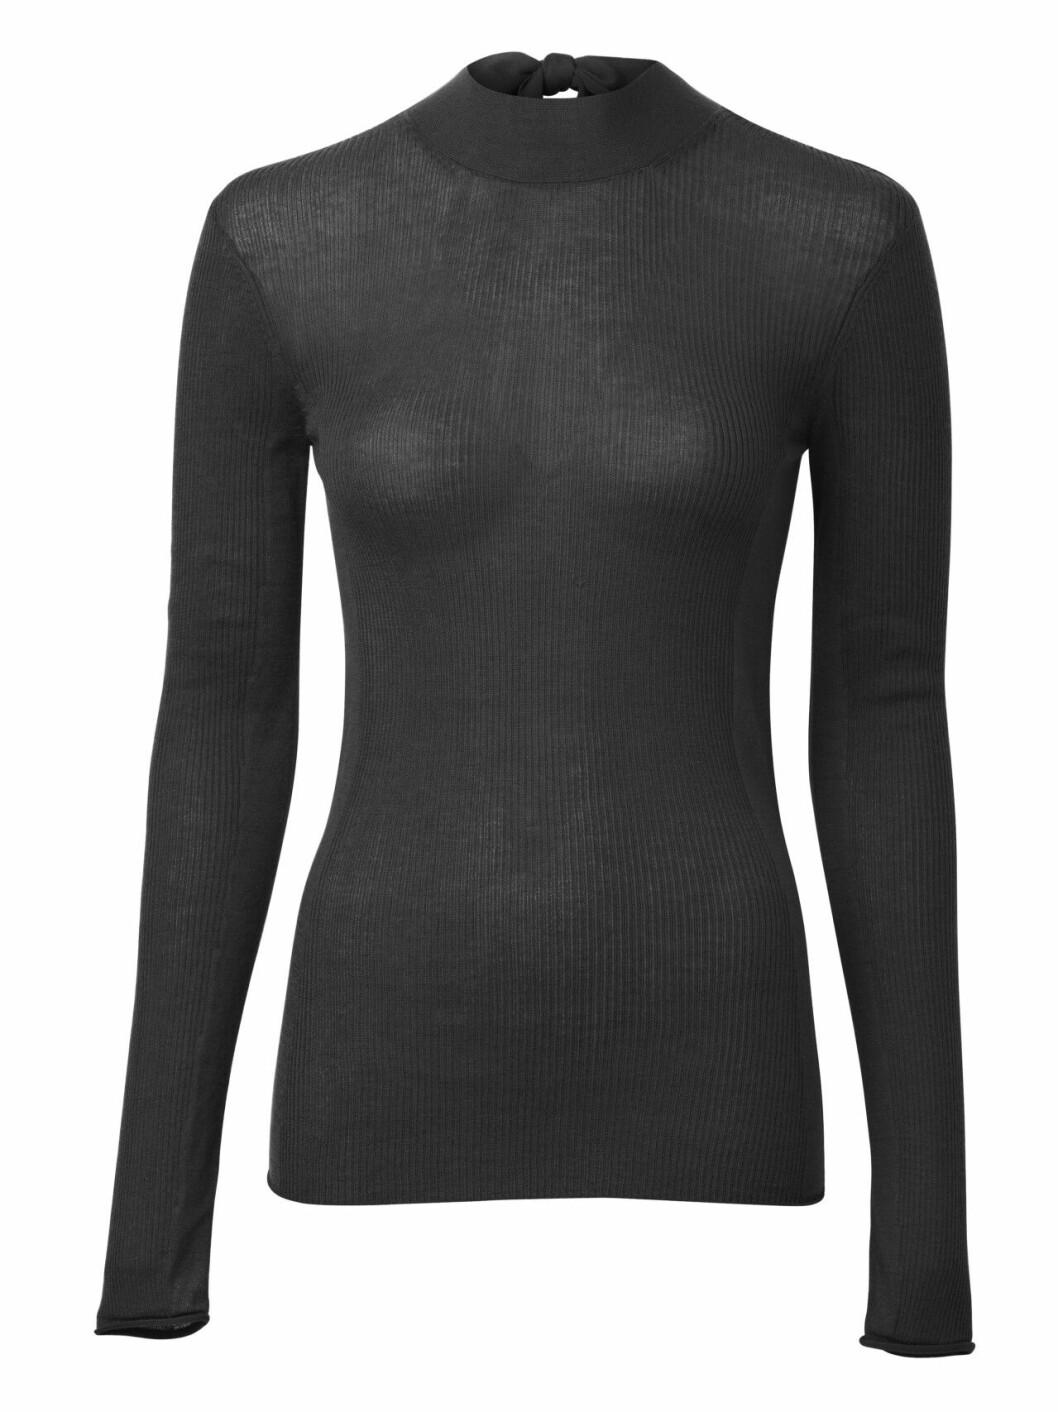 H&M Conscious Exclusive AW19 –svart tröja